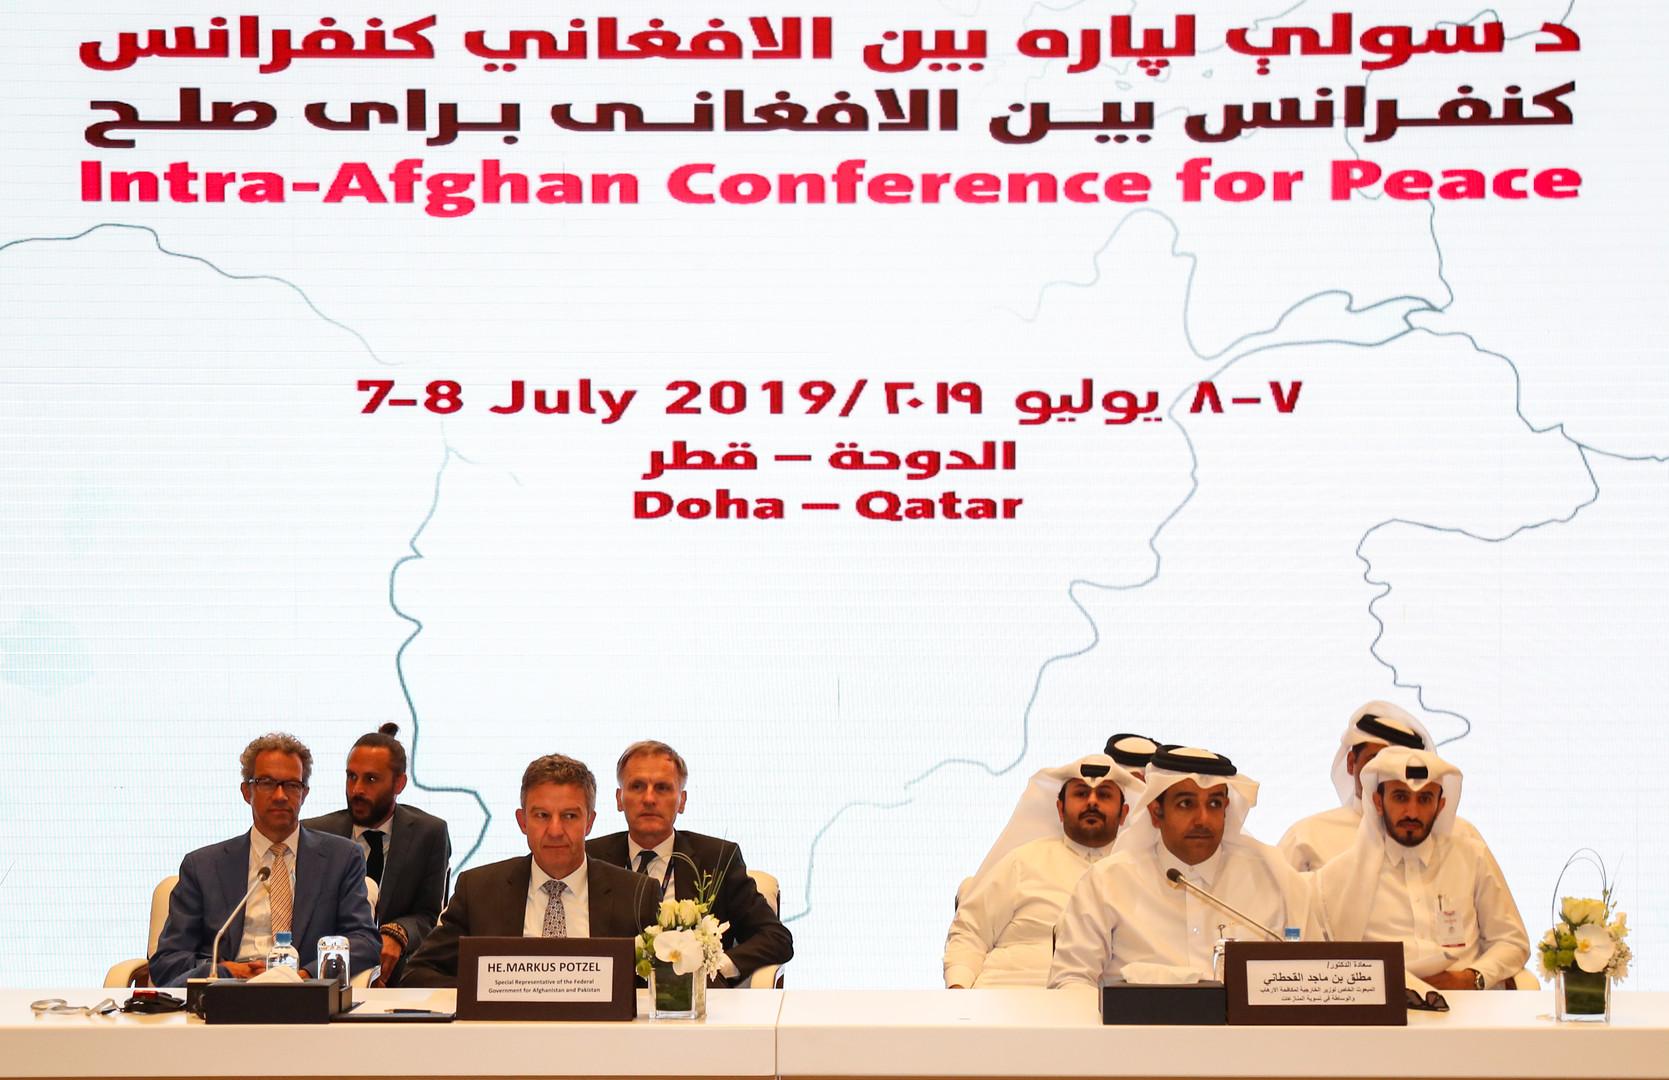 قطر تعلن نجاح مؤتمر الدوحة للسلام في أفغانستان